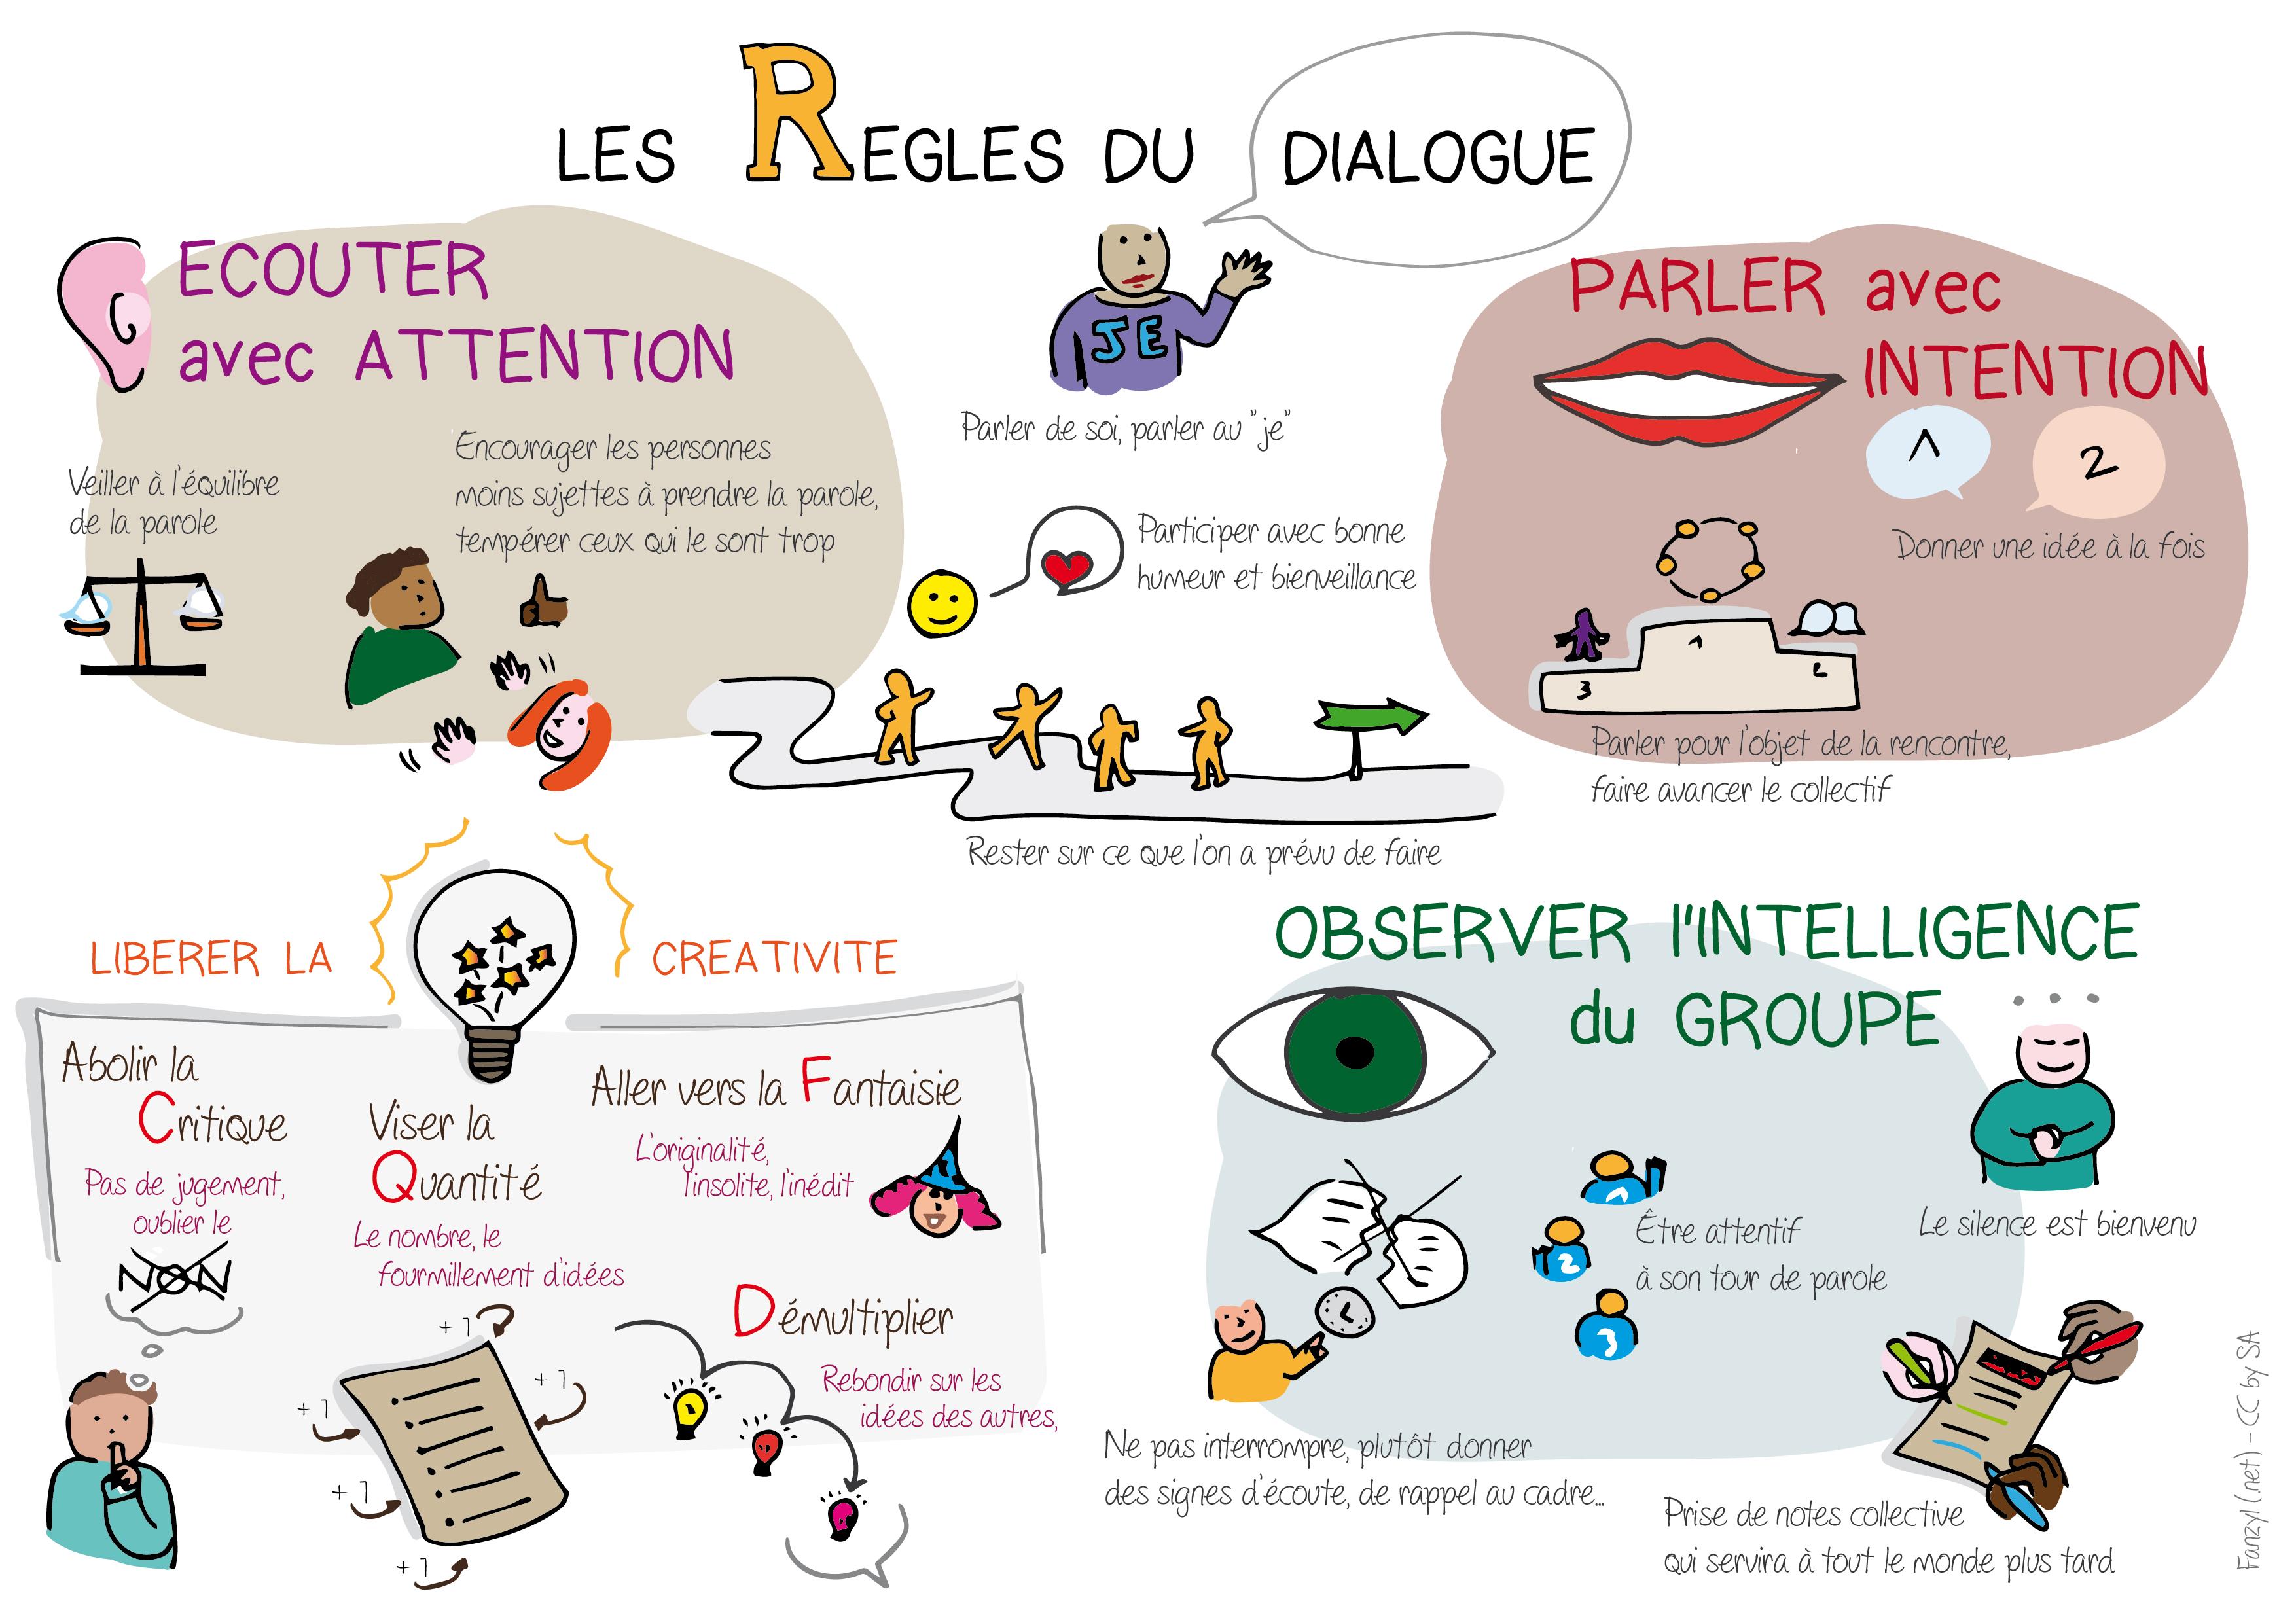 image les_regles_du_dialogue_accord_cadre.jpg (2.0MB)